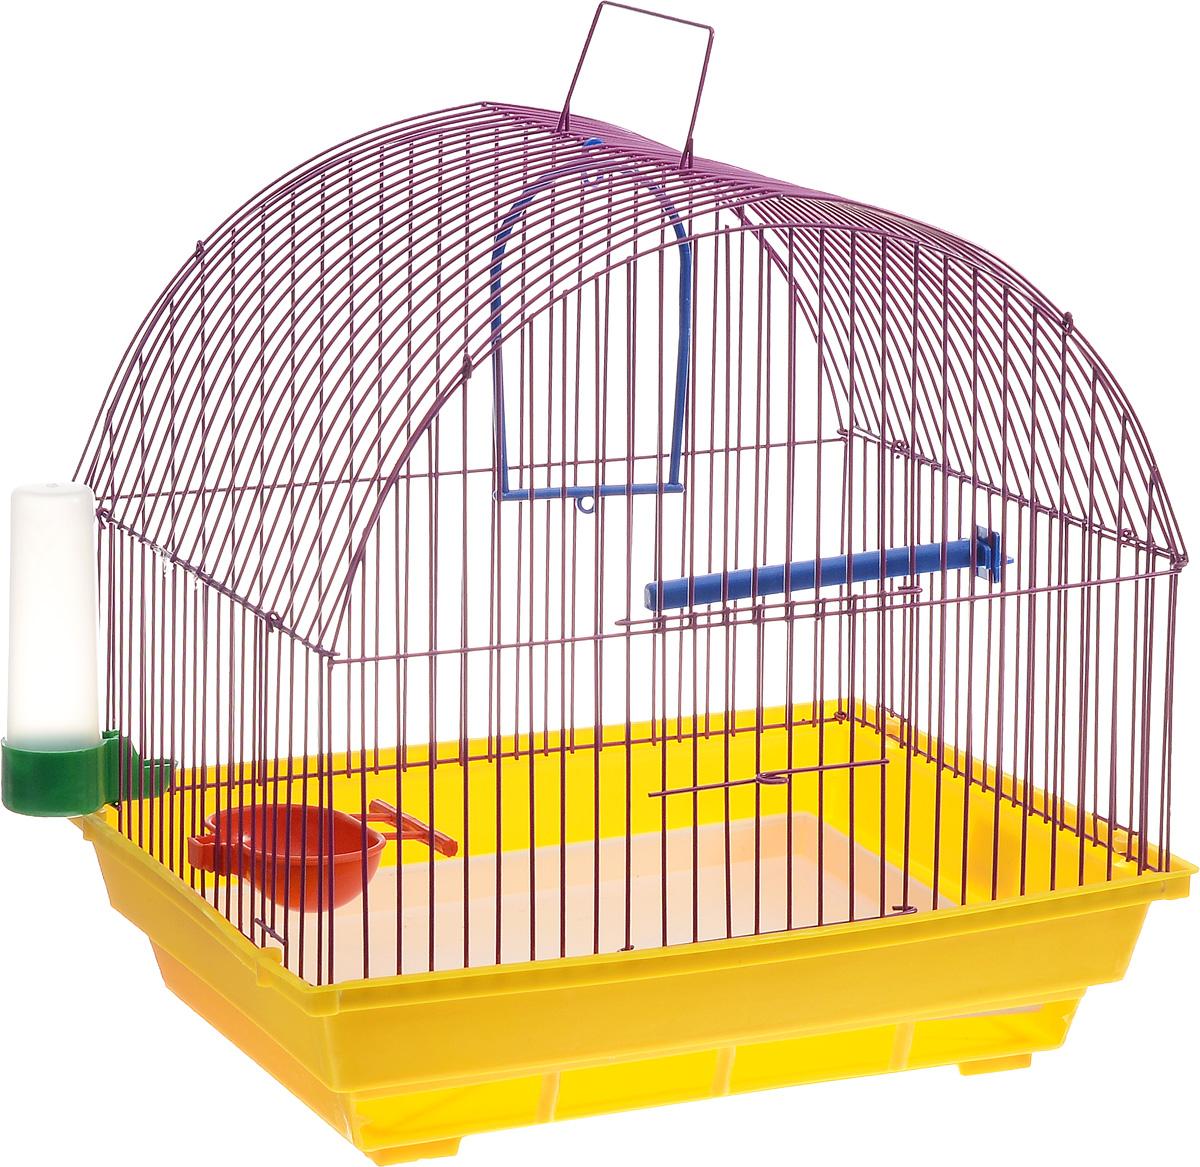 Клетка для птиц ЗооМарк, цвет: желтый поддон, фиолетовая решетка, 35 х 28 х 34 см420ЖФКлетка ЗооМарк, выполненная из полипропилена и металла с эмалированным покрытием, предназначена для мелких птиц. Изделие состоит из большого поддона и решетки. Клетка снабжена металлической дверцей. В основании клетки находится малый поддон. Клетка удобна в использовании и легко чистится. Она оснащена жердочкой, кольцом для птицы, поилкой, кормушкой и подвижной ручкой для удобной переноски.